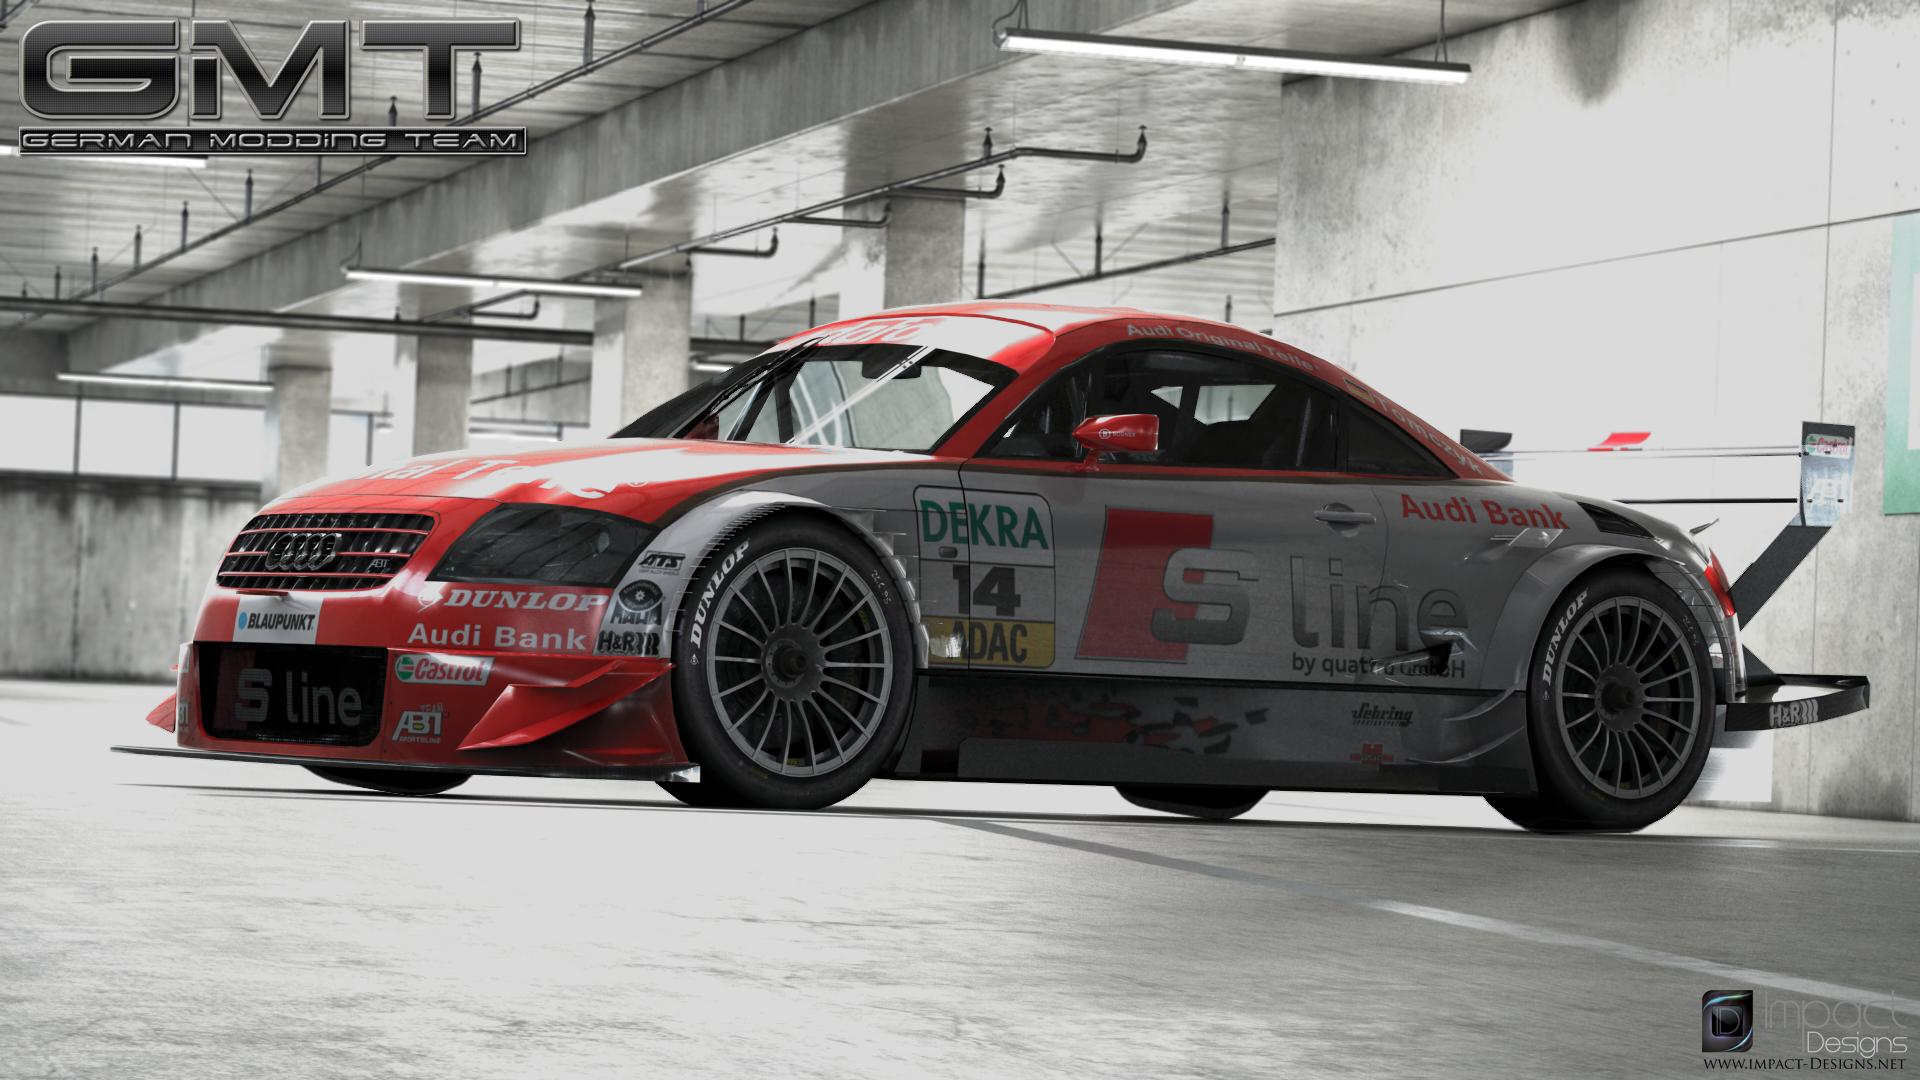 Audi TT-R DTM 2003 - New Renders